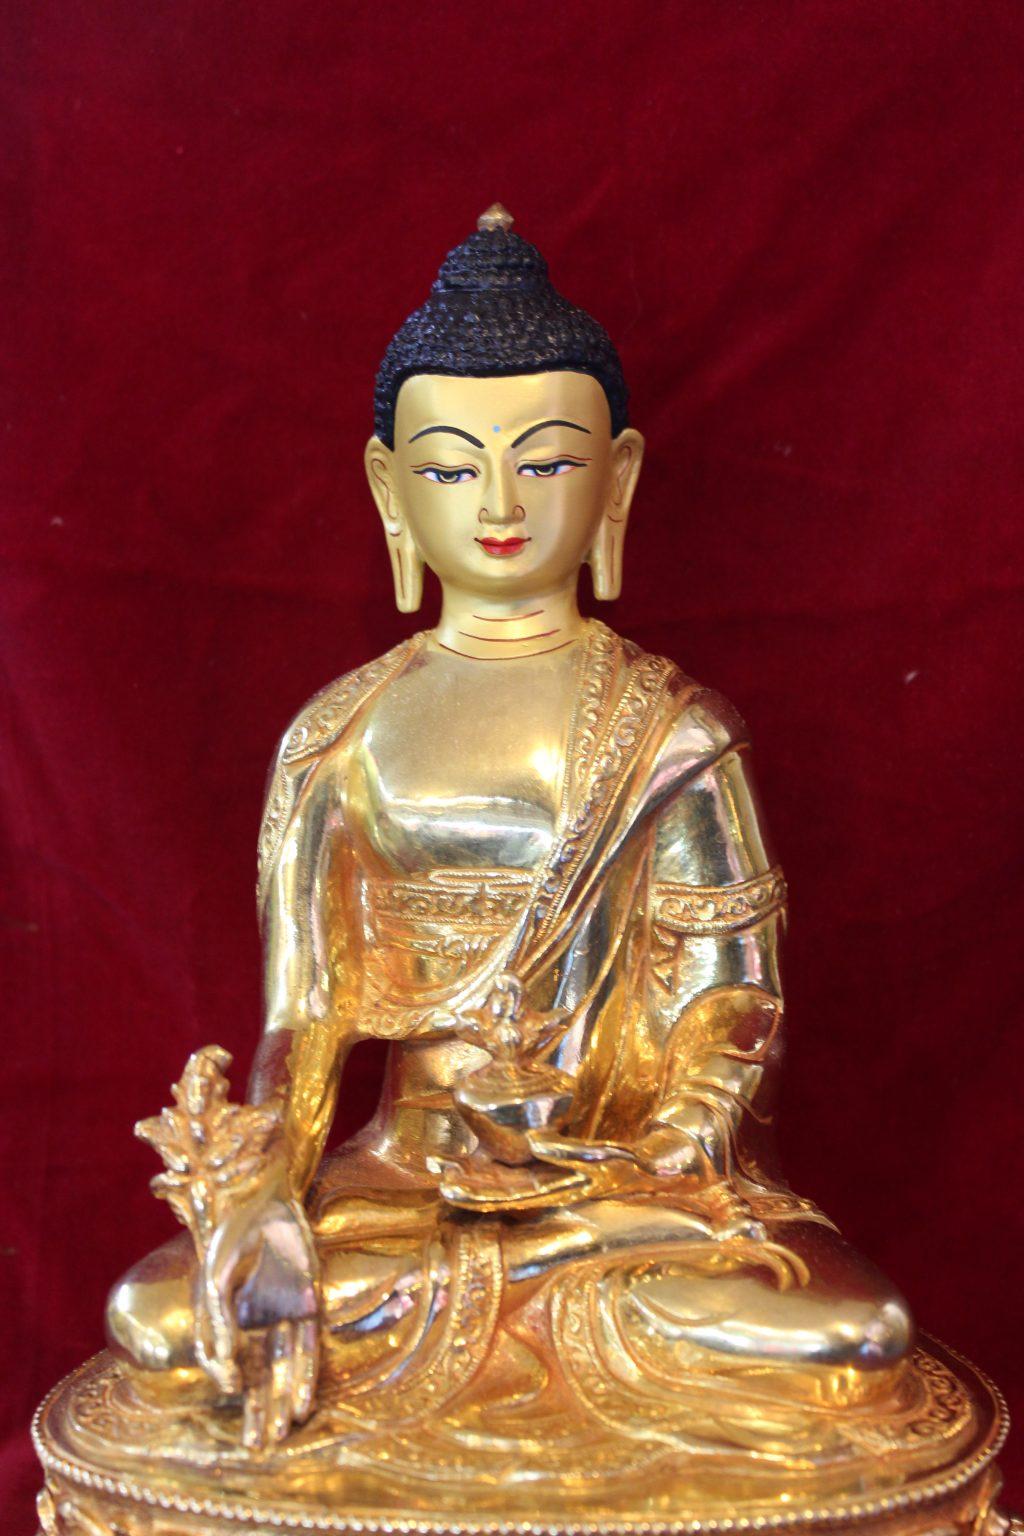 shakyamuni budda golden figurine deco